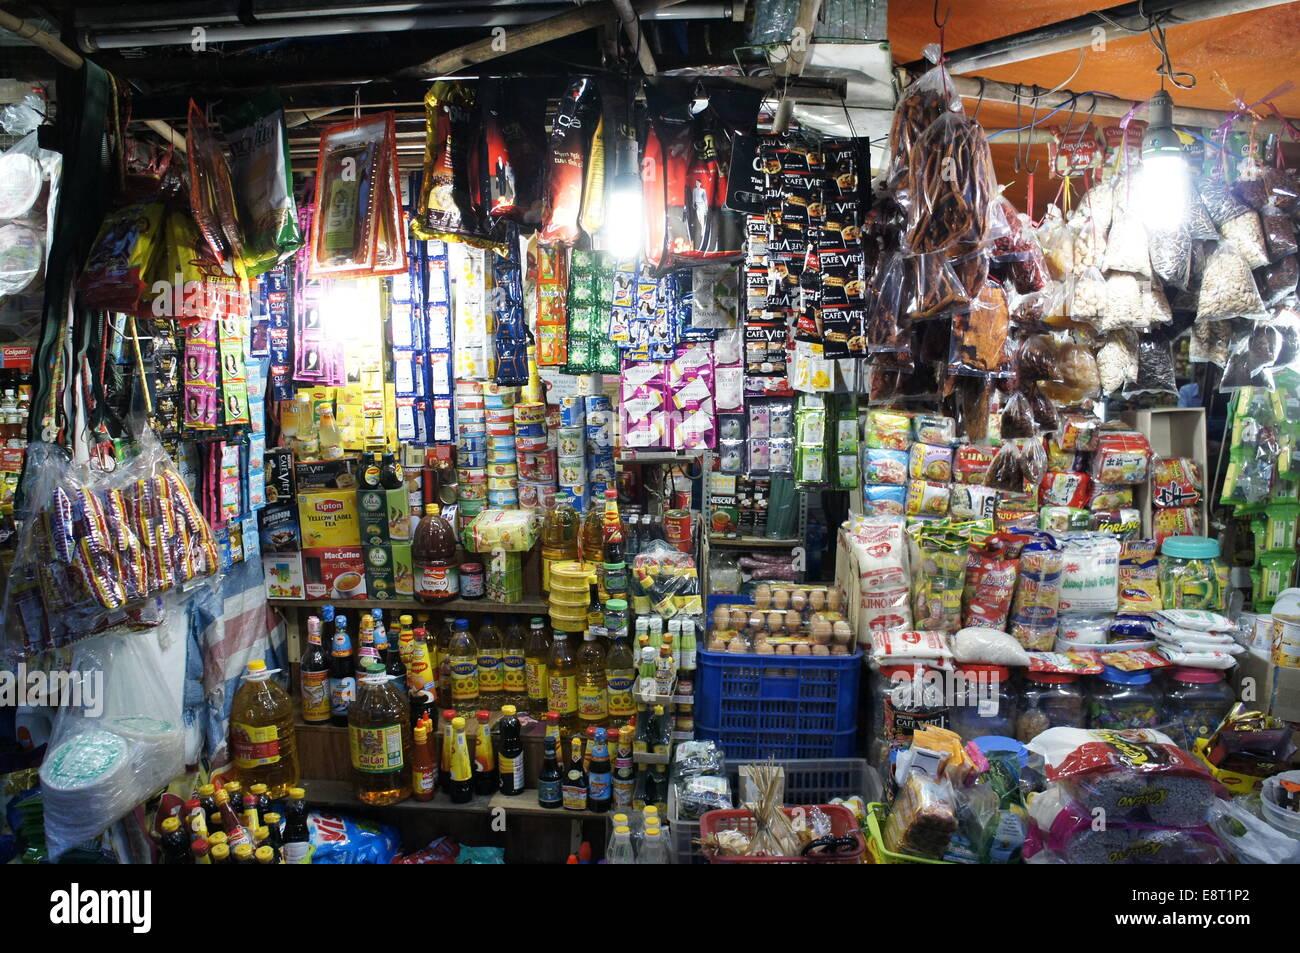 Street market stall vente de produits d'épicerie et des articles divers à Ho Chi Minh city Photo Stock